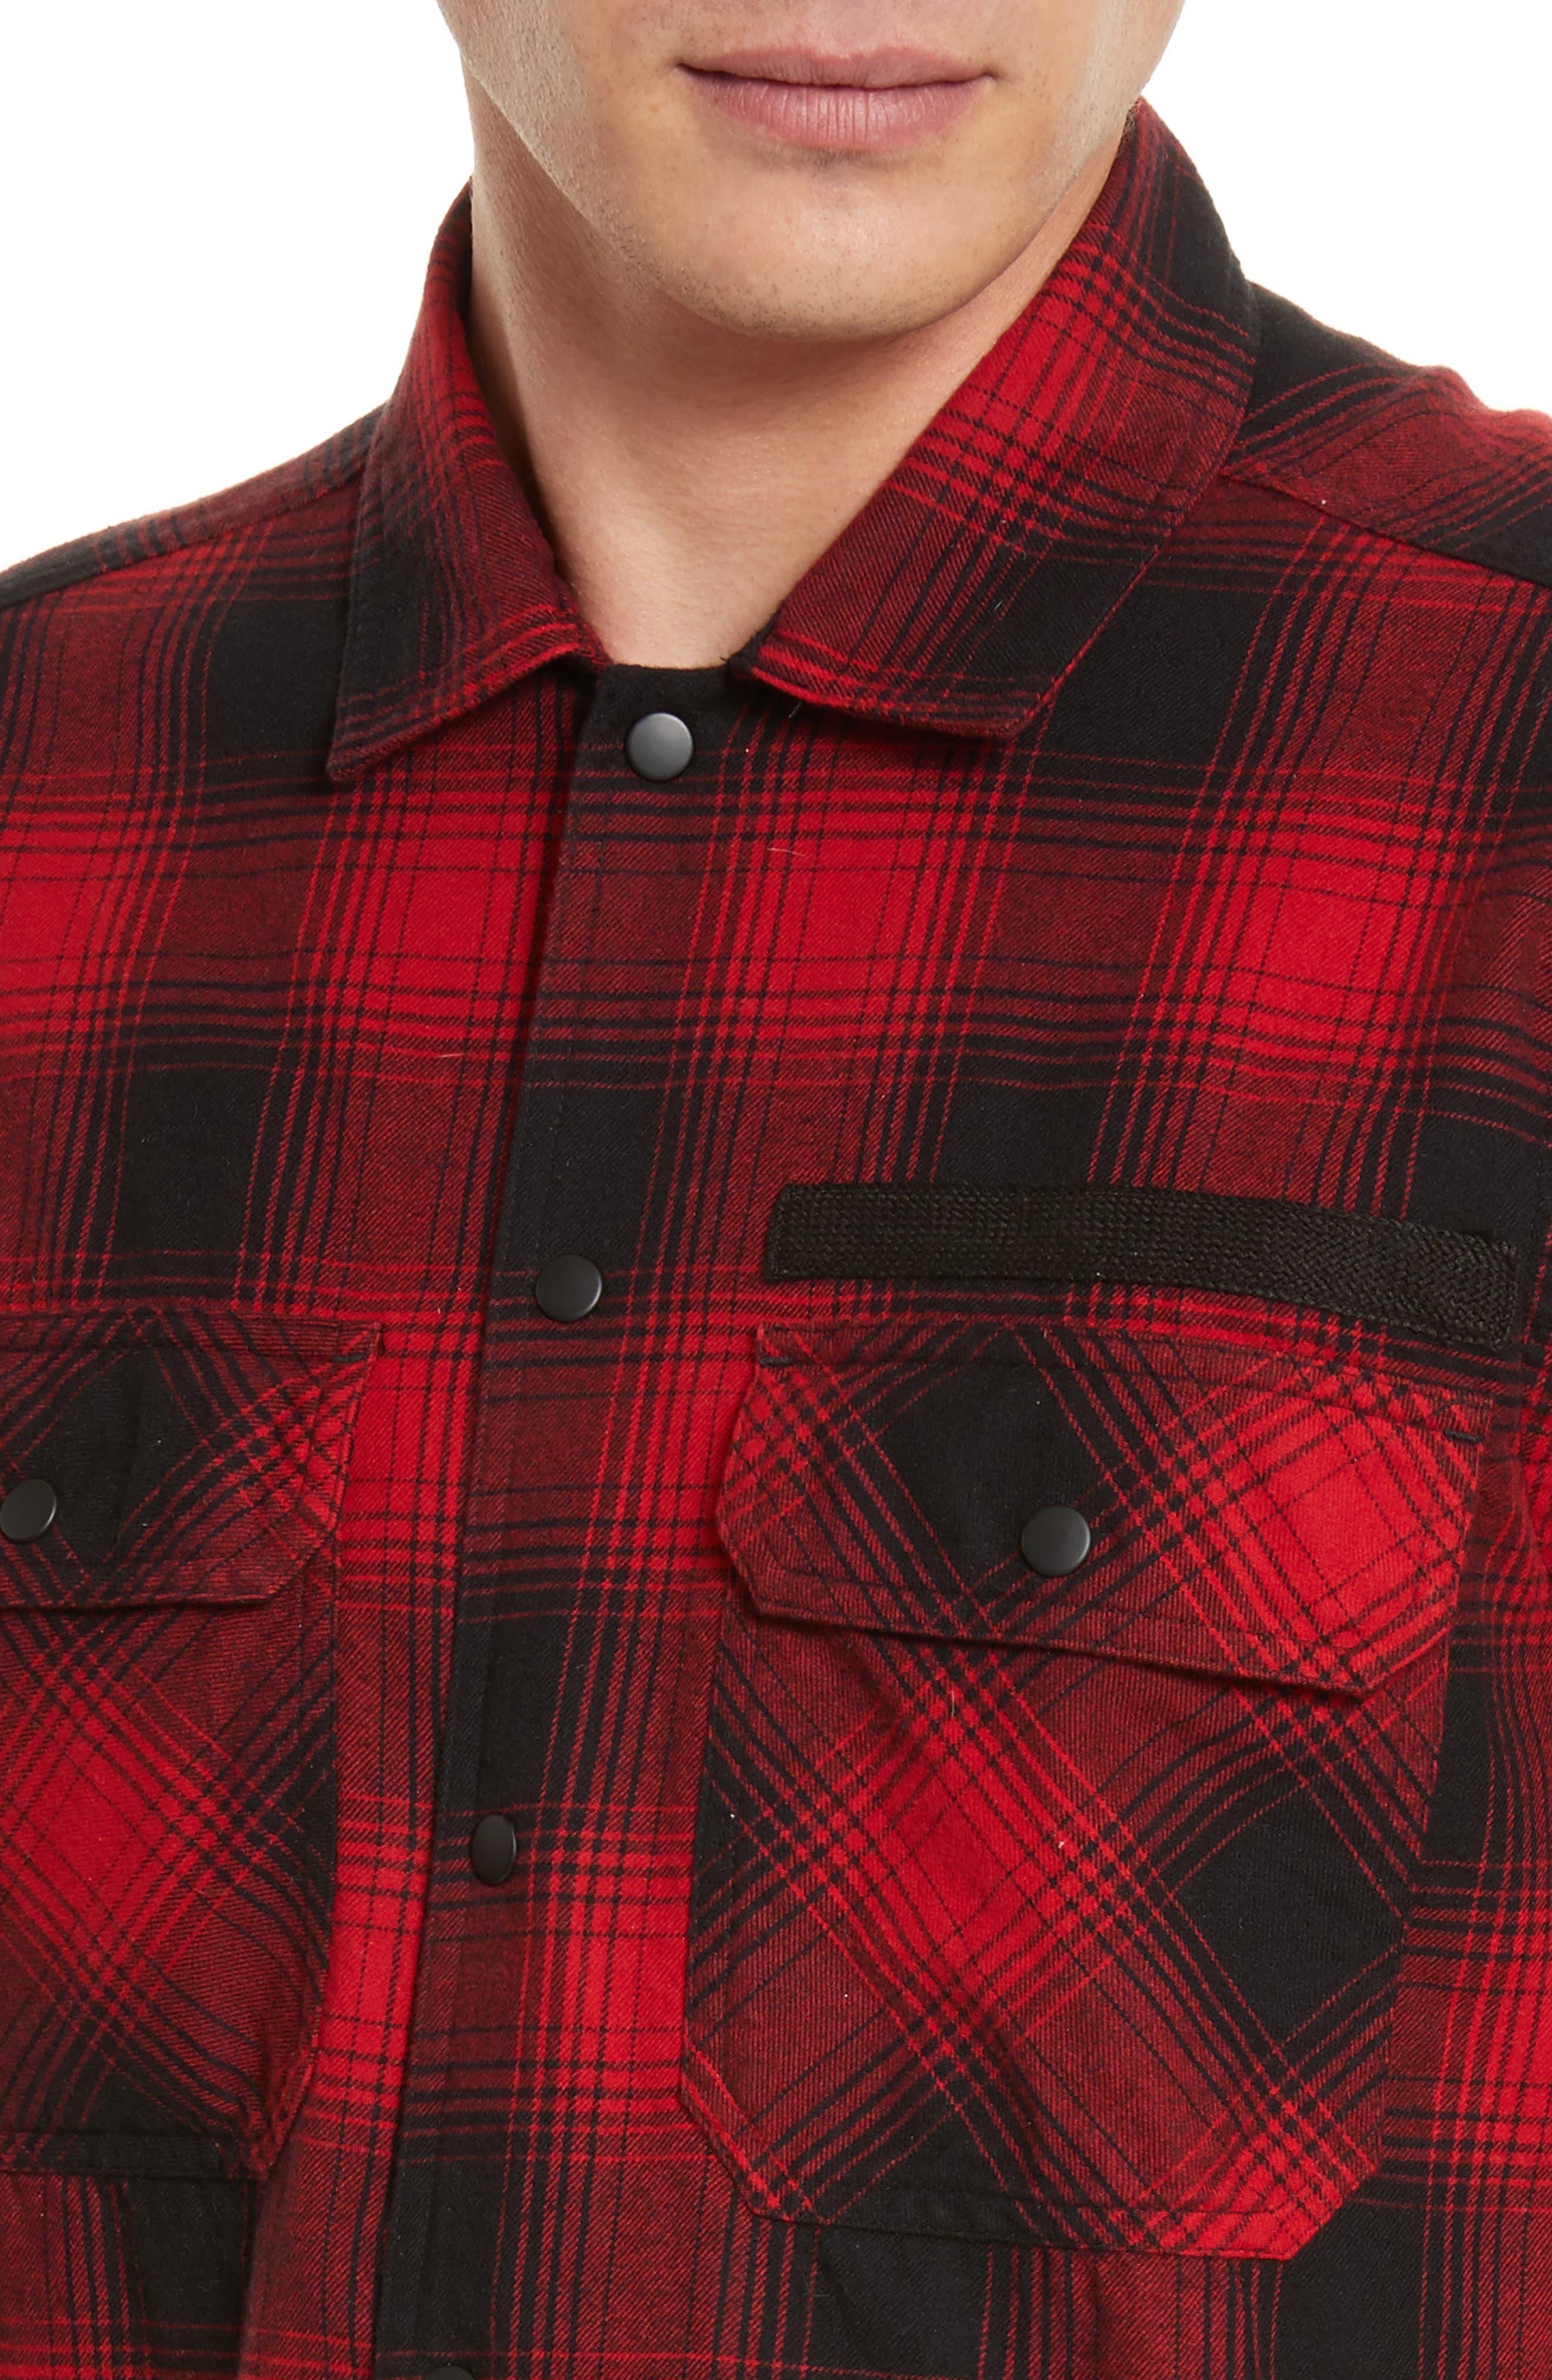 Plaid Flannel Shirt,                             Alternate thumbnail 4, color,                             600